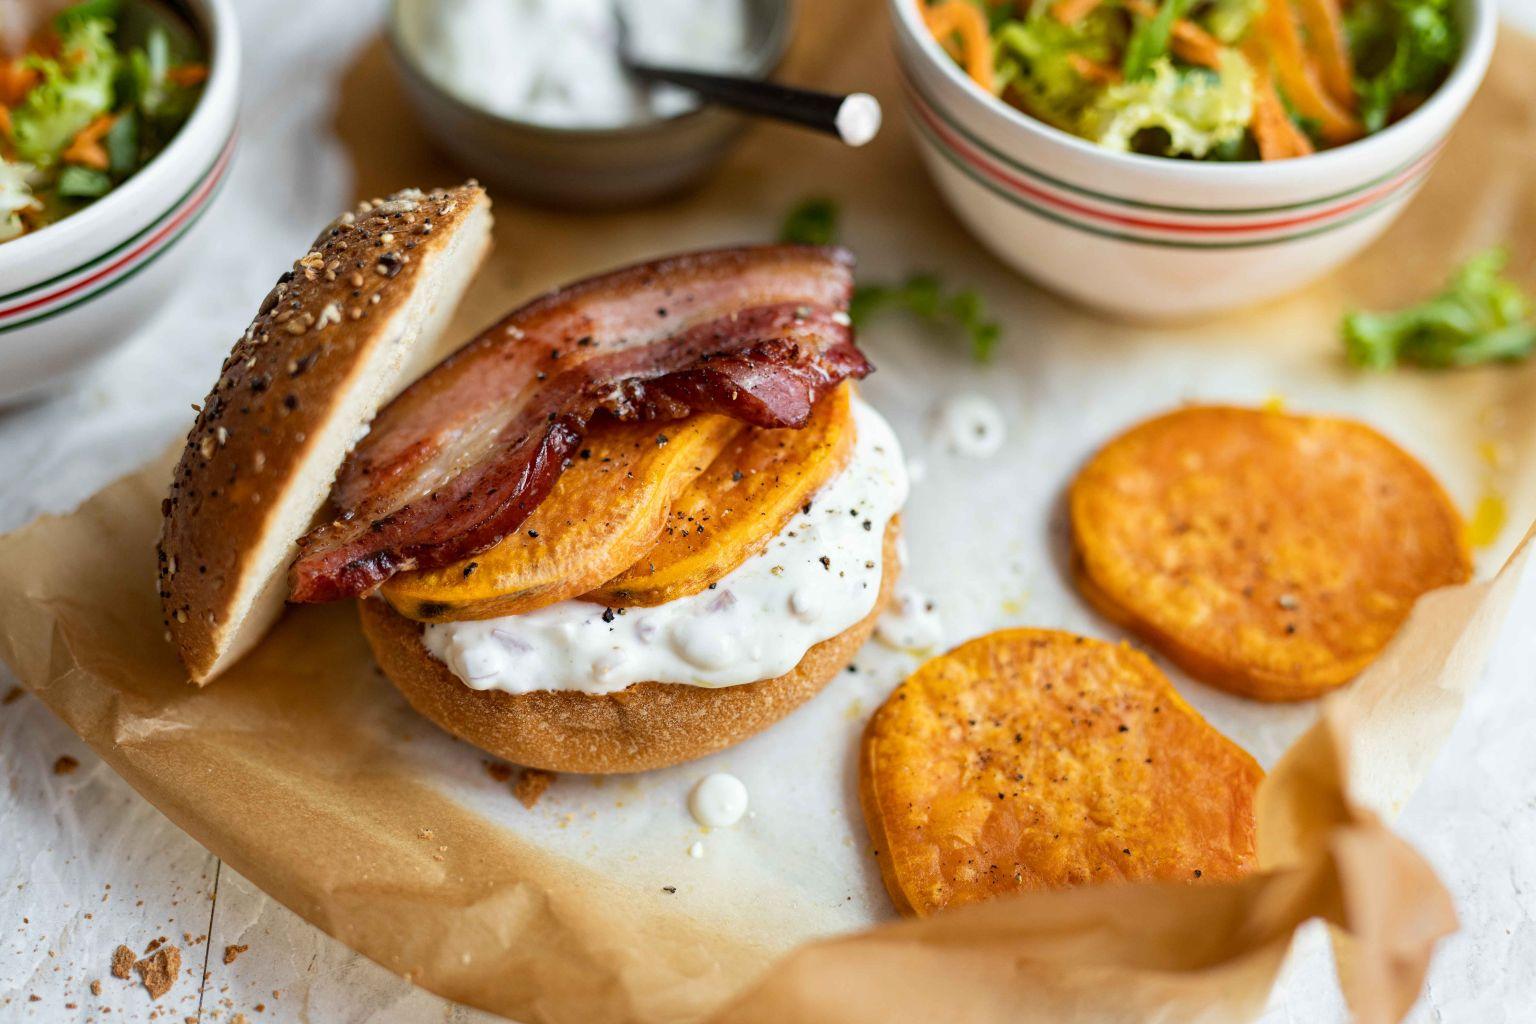 Burger de poitrine fumée, patate douce et fromage frais